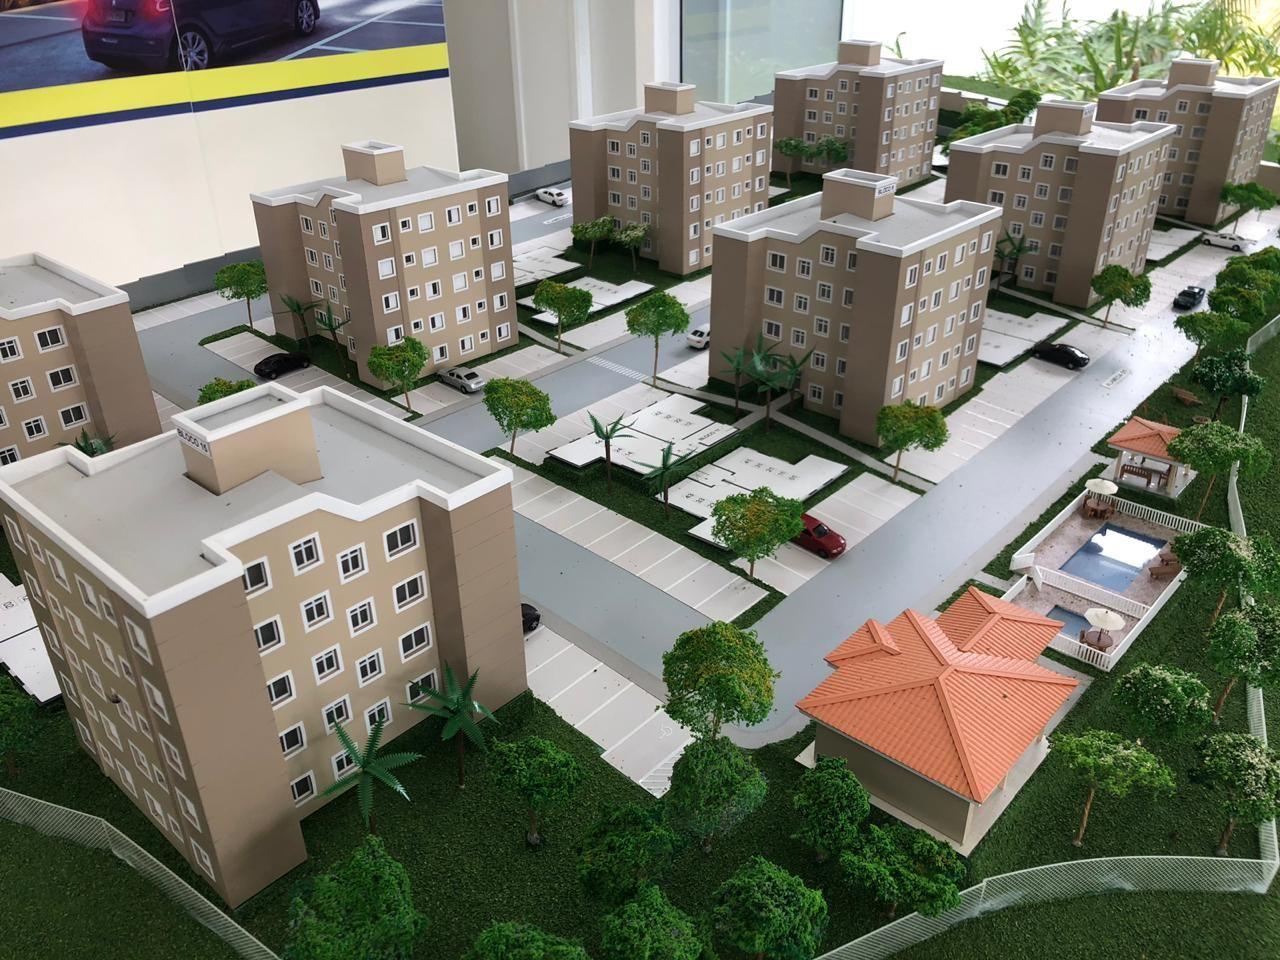 Spazio Moinho Velho Apartamentos Sorocaba - SP - Magnum Construtora